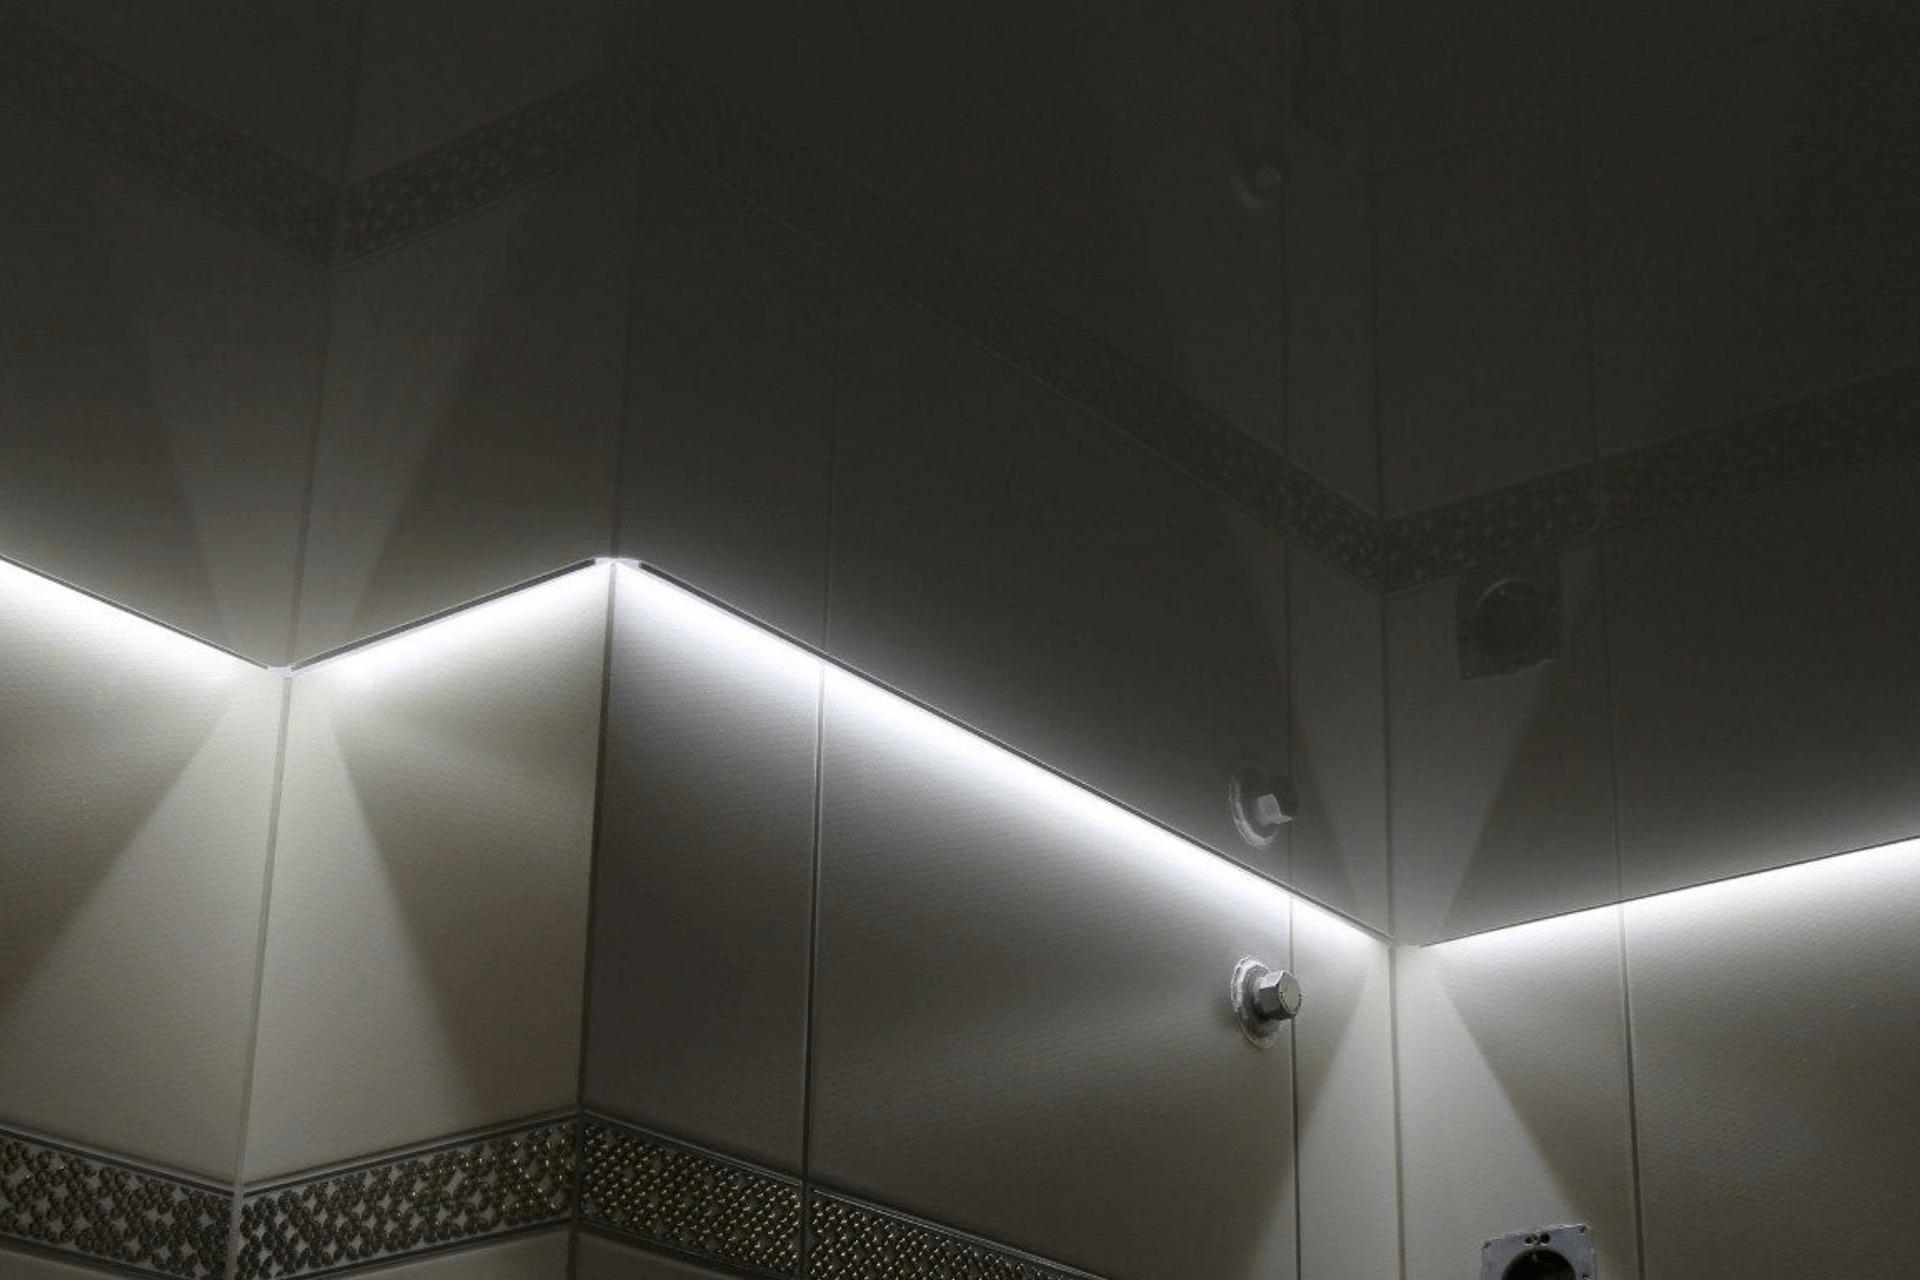 Глянцевый парящий потолок в ванной